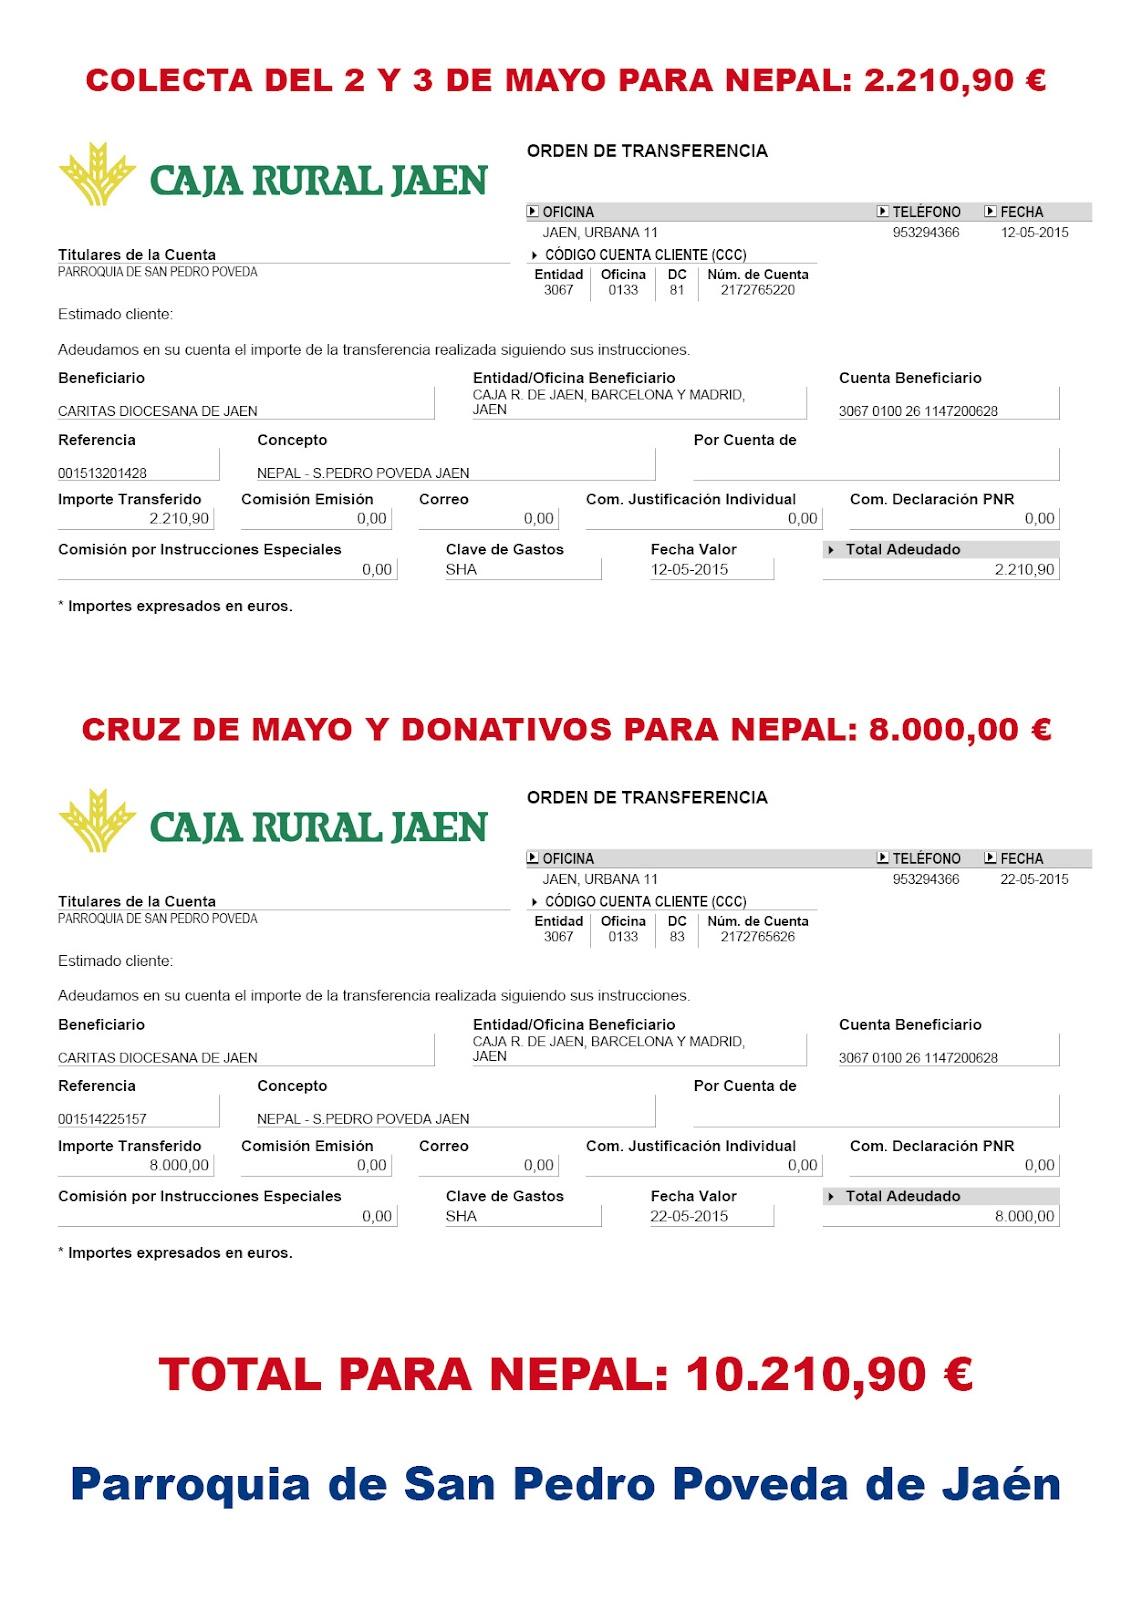 Enviados 10.210,90 € a Nepal